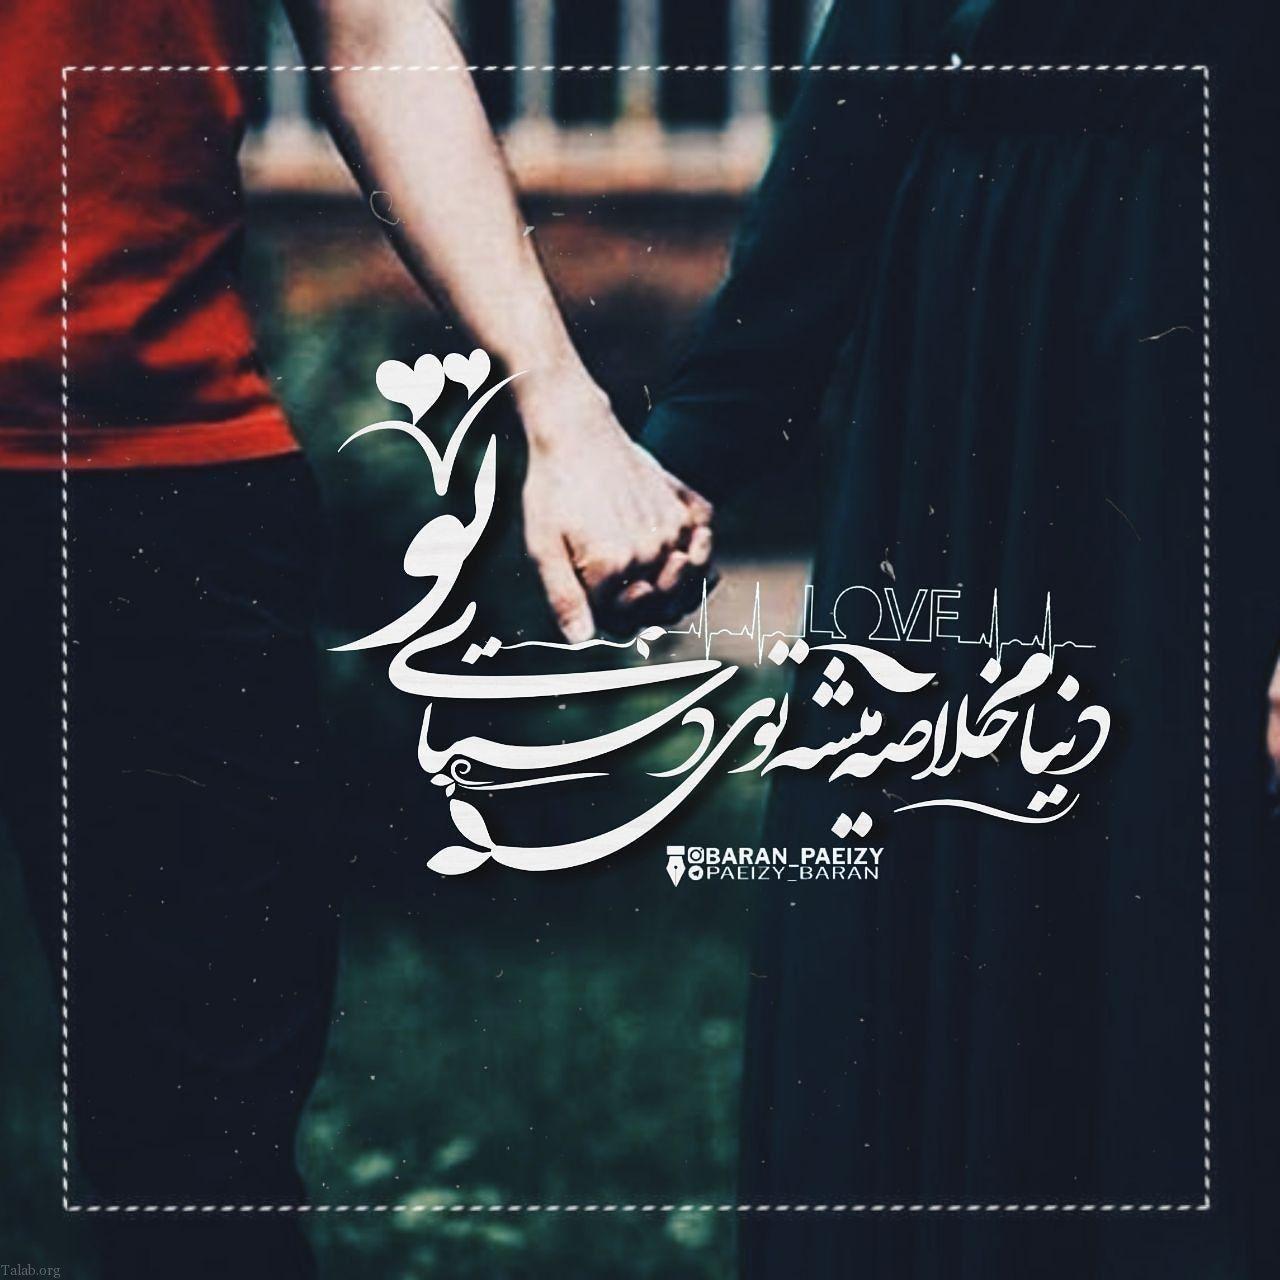 عکس های عاشقانه با نوشته های غمگین و تیکه دار (98)